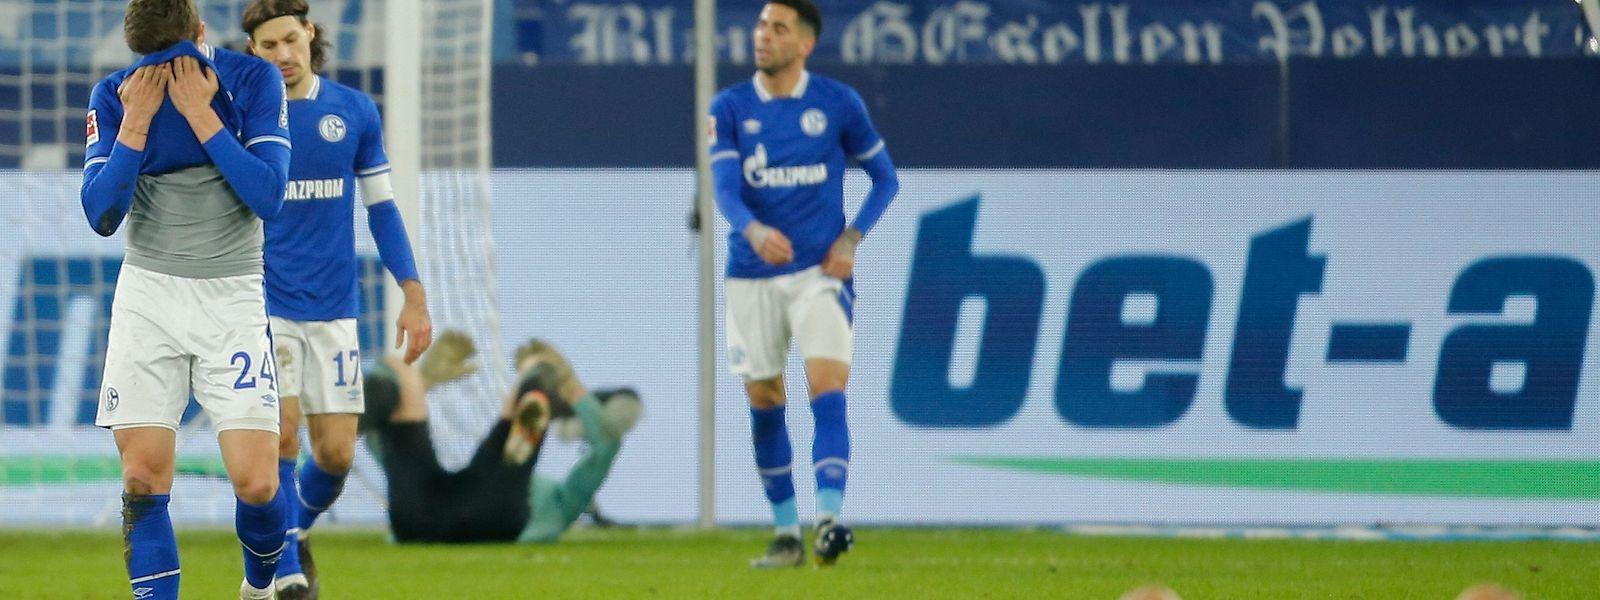 Die Spieler von Schalke 04 sind fassungslos nach der Niederlage.